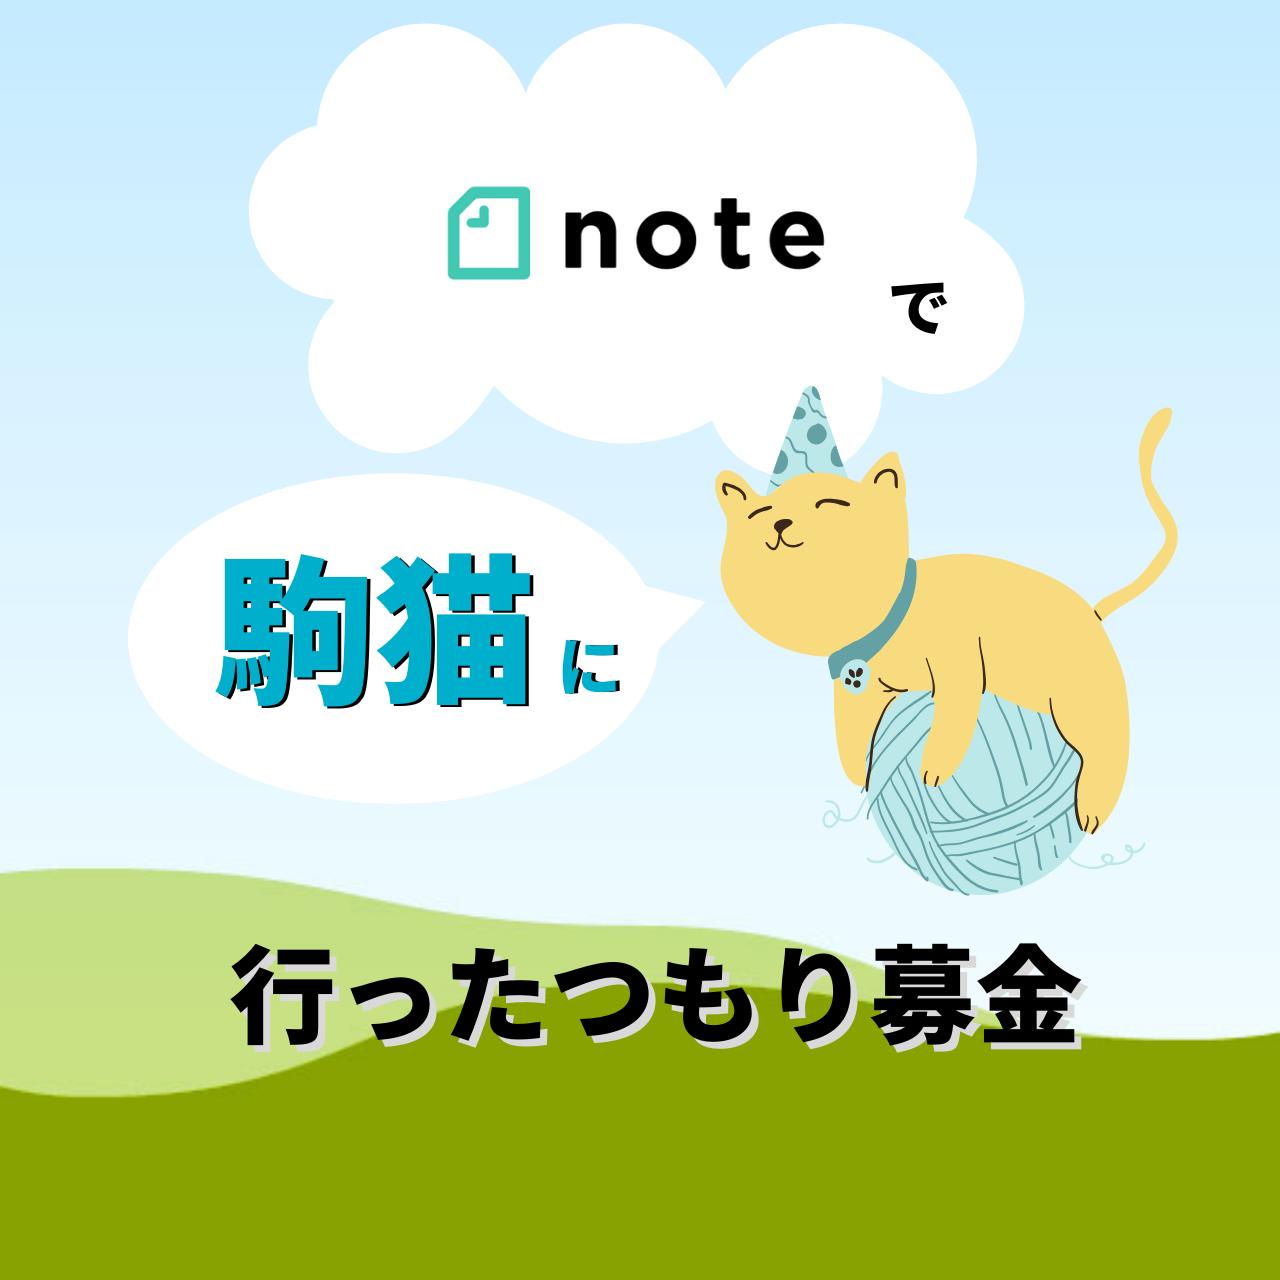 駒猫noteへリンク